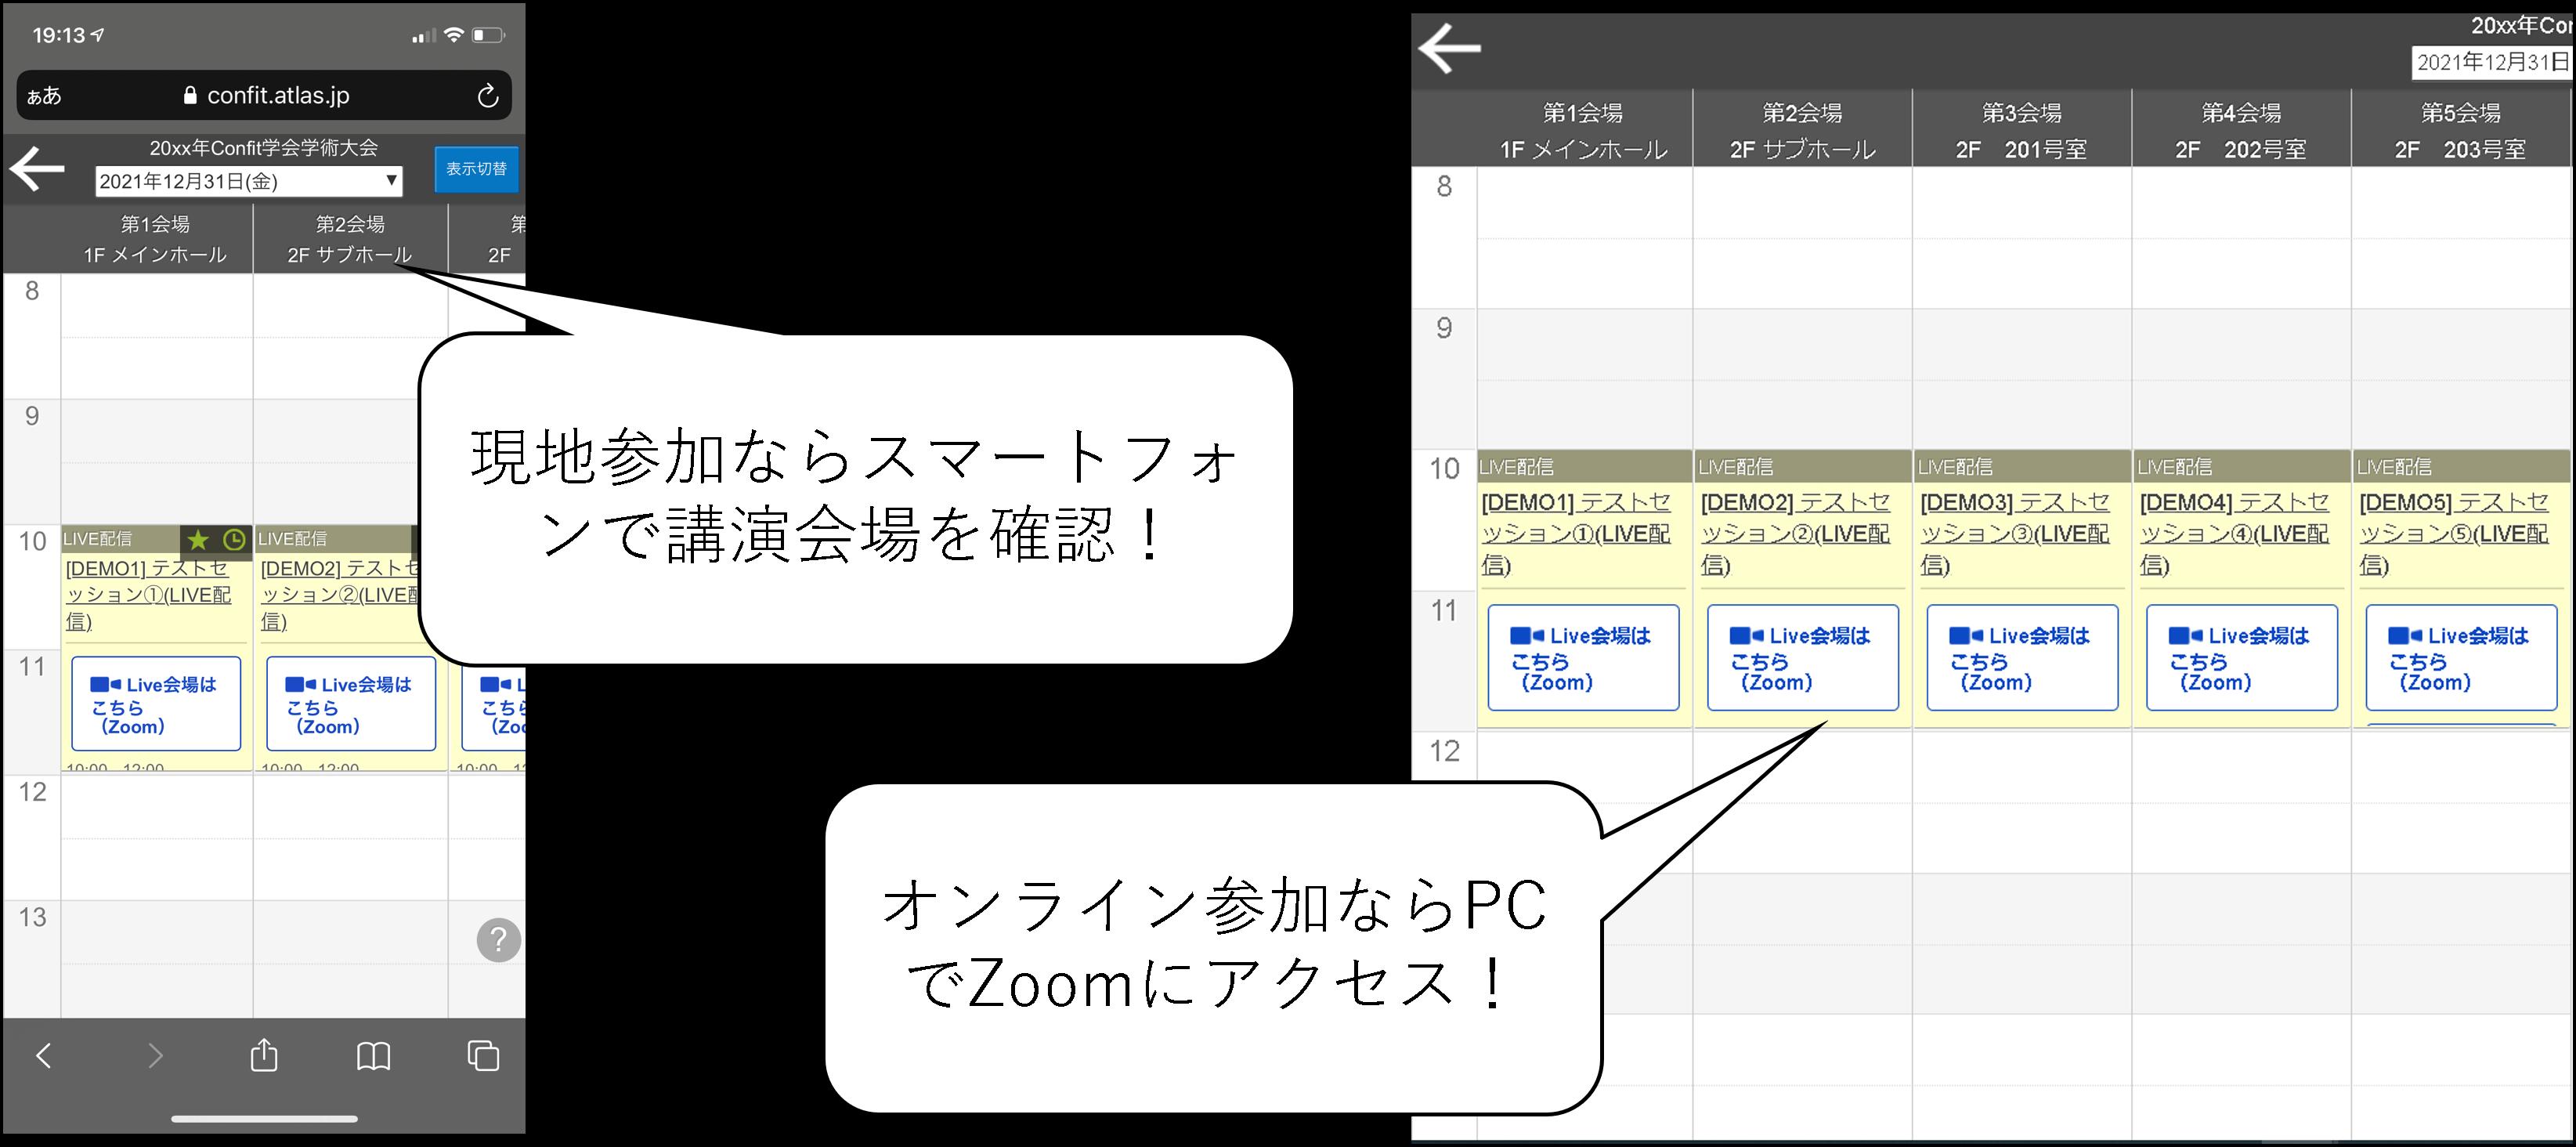 PCとスマートフォンでの画面の比較。レスポンシブ対応しているため、スマートフォンでもレイアウトは崩れずに表示される。